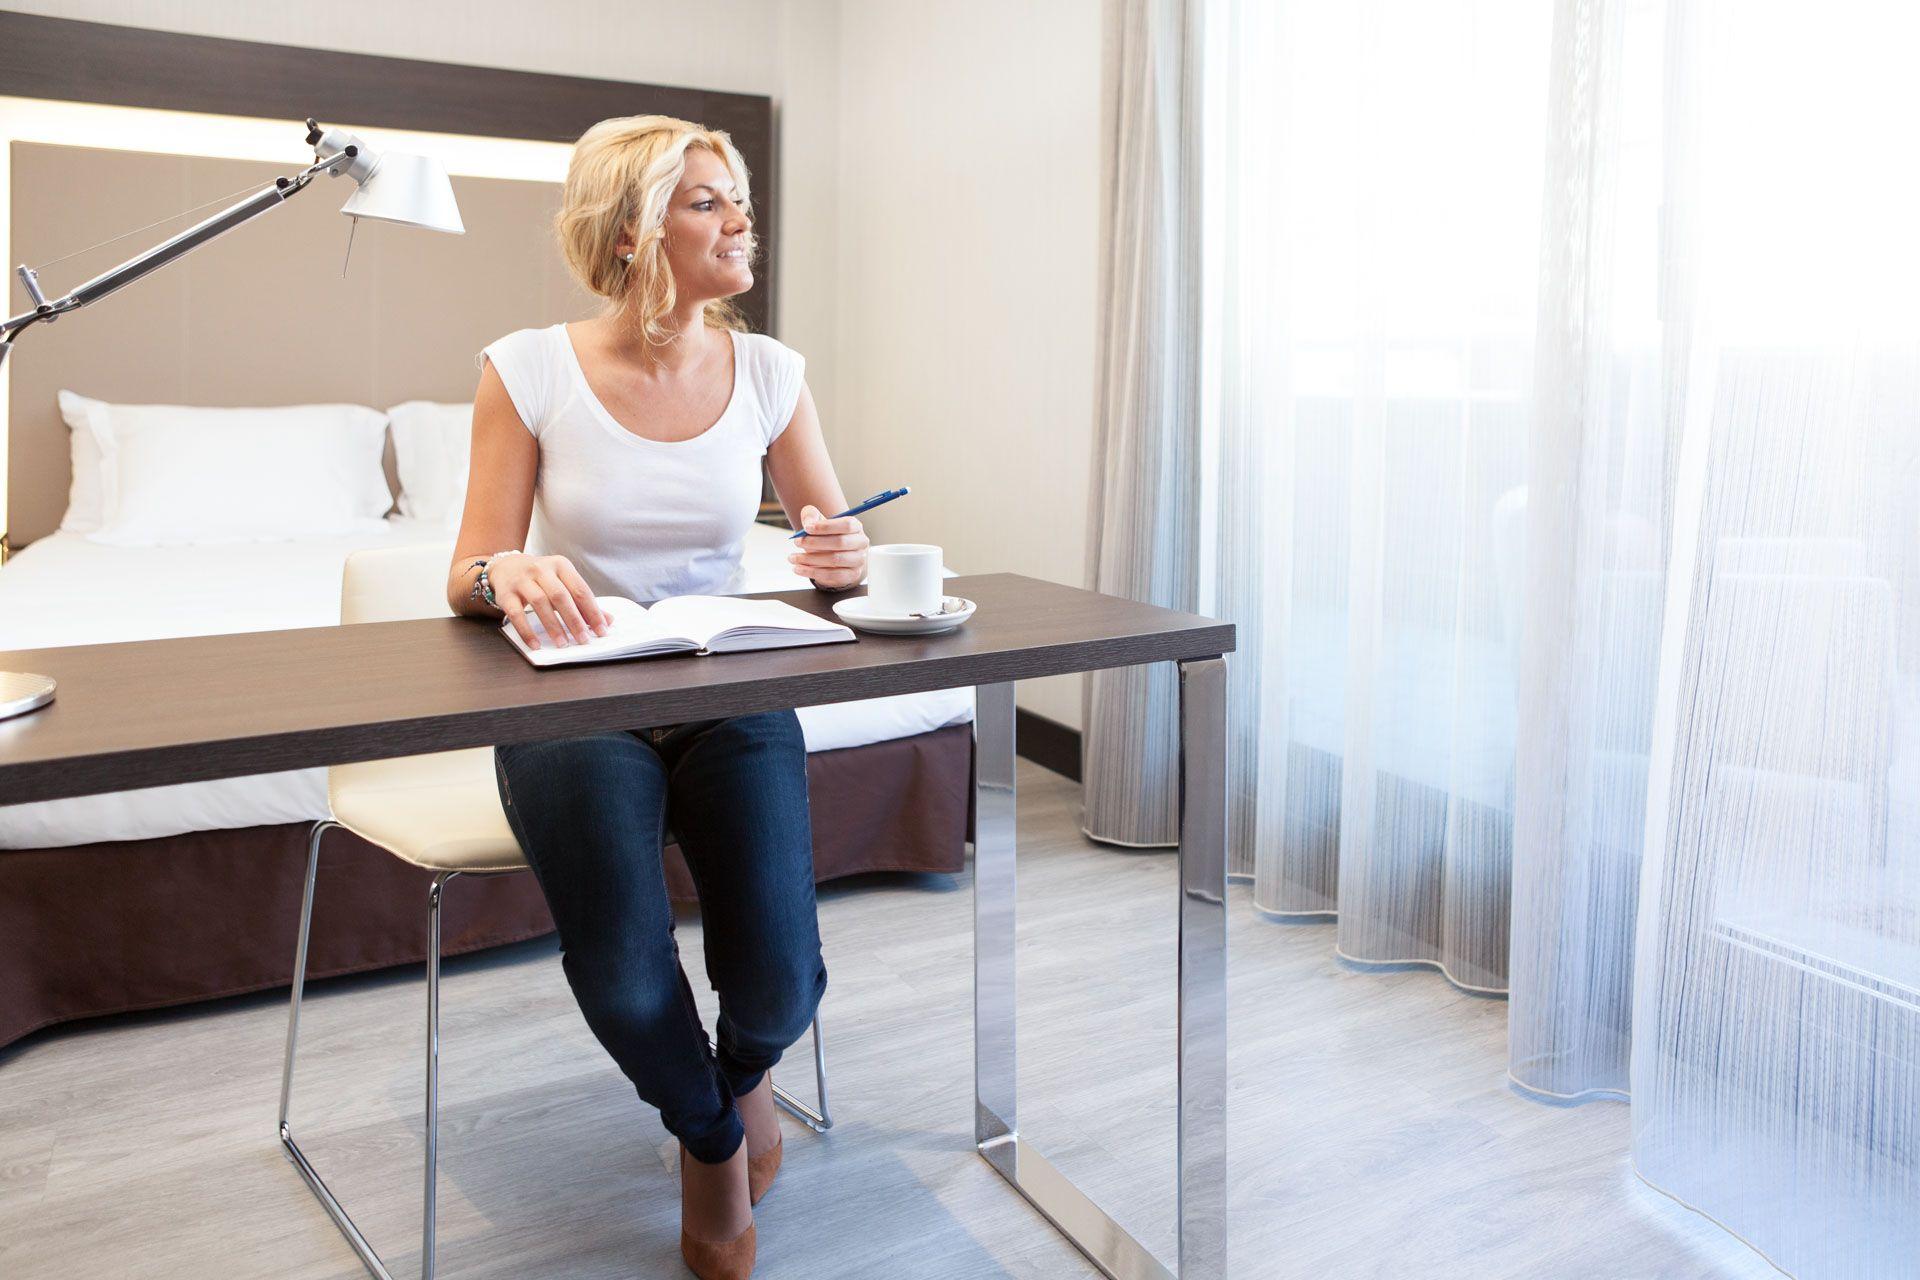 Descubre la comodidad, luminisidad y tranquilidad de las habitaciones de Novotel Madrid Center